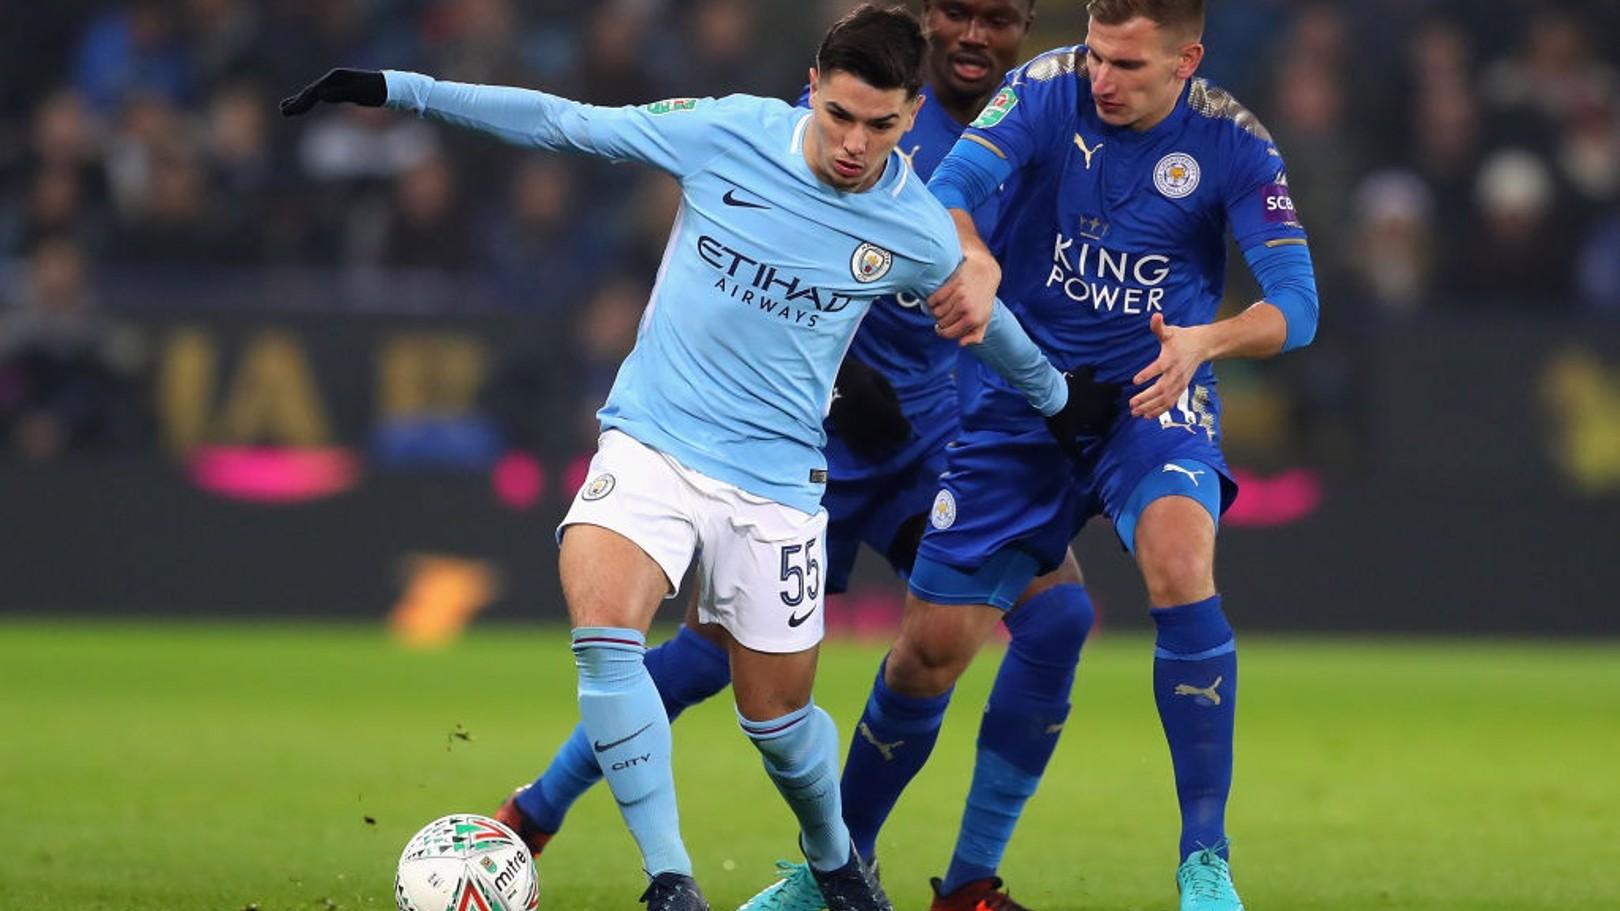 Brahim Díaz debutó como titular con el primer equipo ante el Leicester City